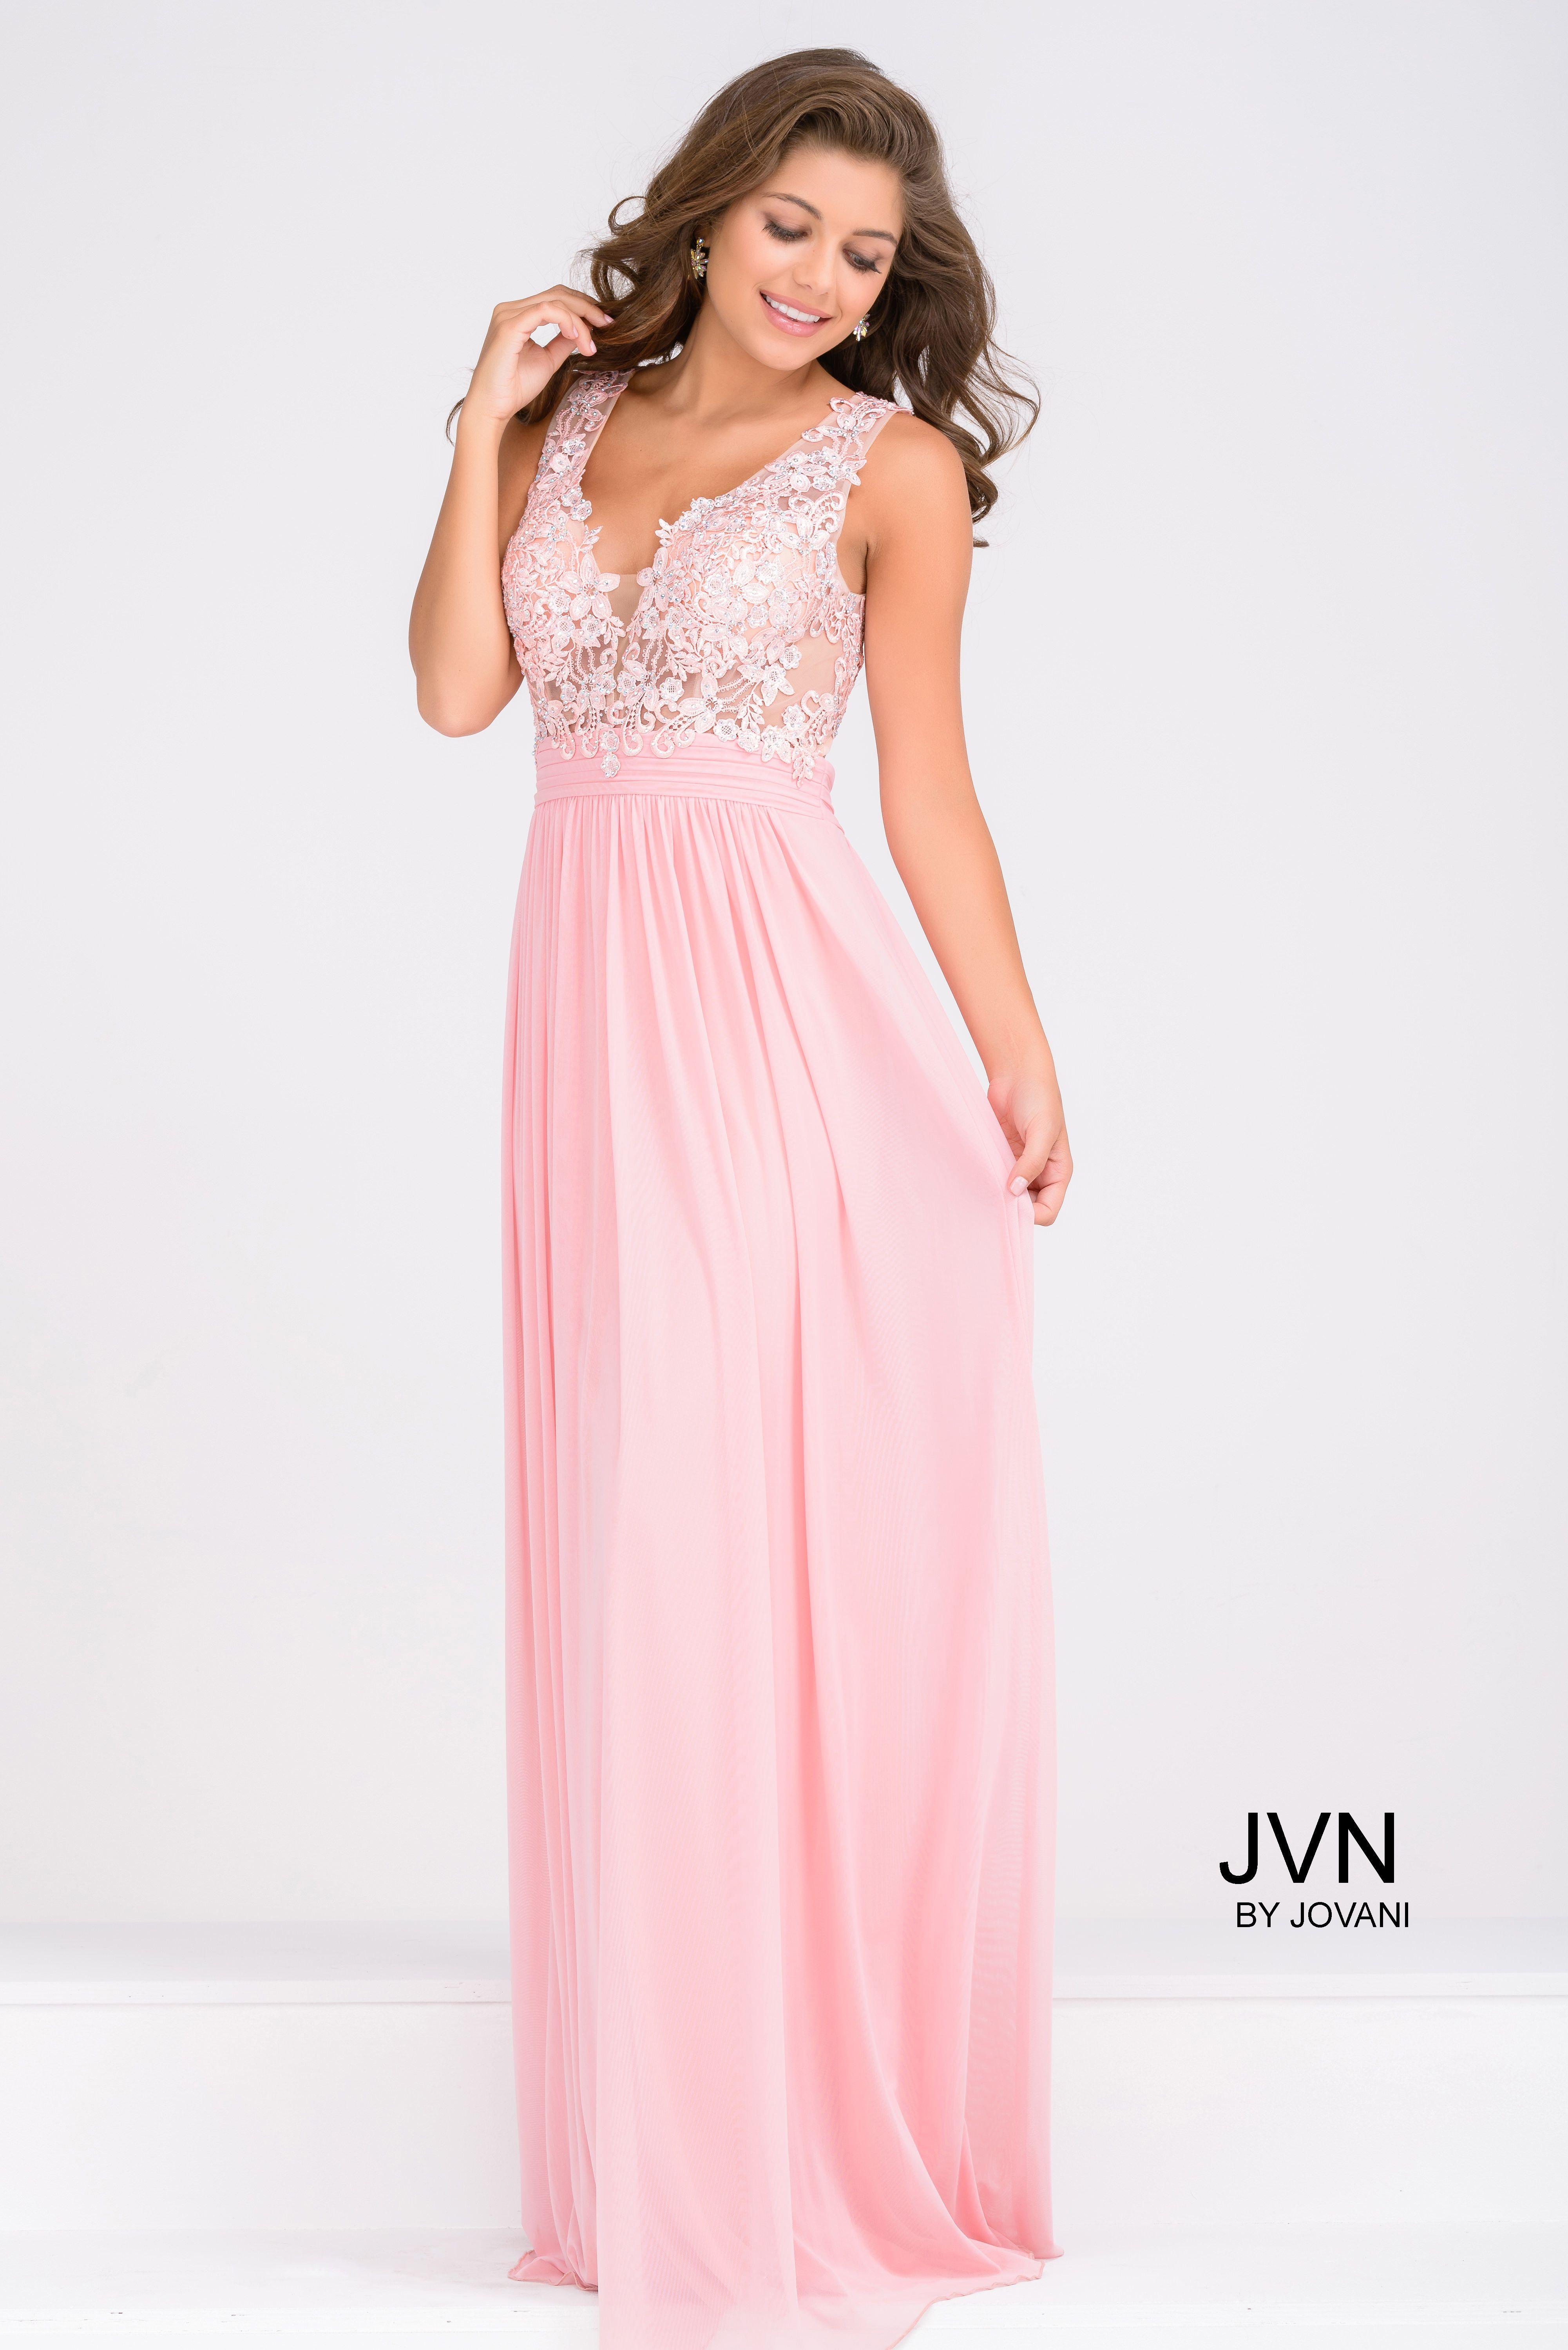 Jovani JVN47791 - Shop more designer prom and evening dresses at ...